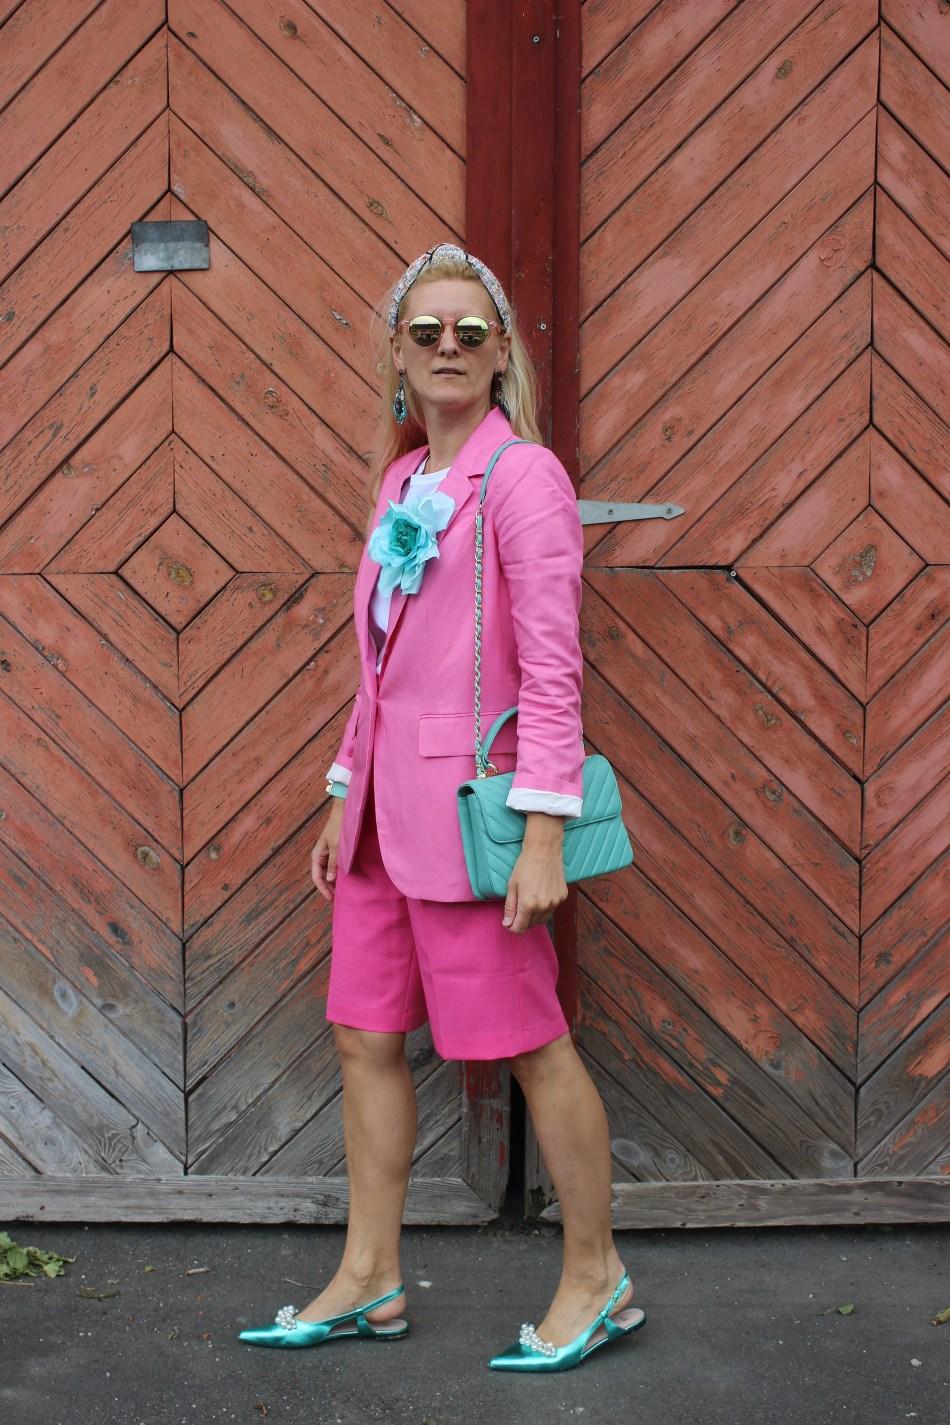 Bermudashorts-Trend-Cerise-H&M-Anzug-Pink-Mules-Perlen-Chanel Tasche-Bloggerstyle-carrieslifestyle-TAmara Prutsch-Summerlook-Summerstyle-weißes T Shirt-Blazer